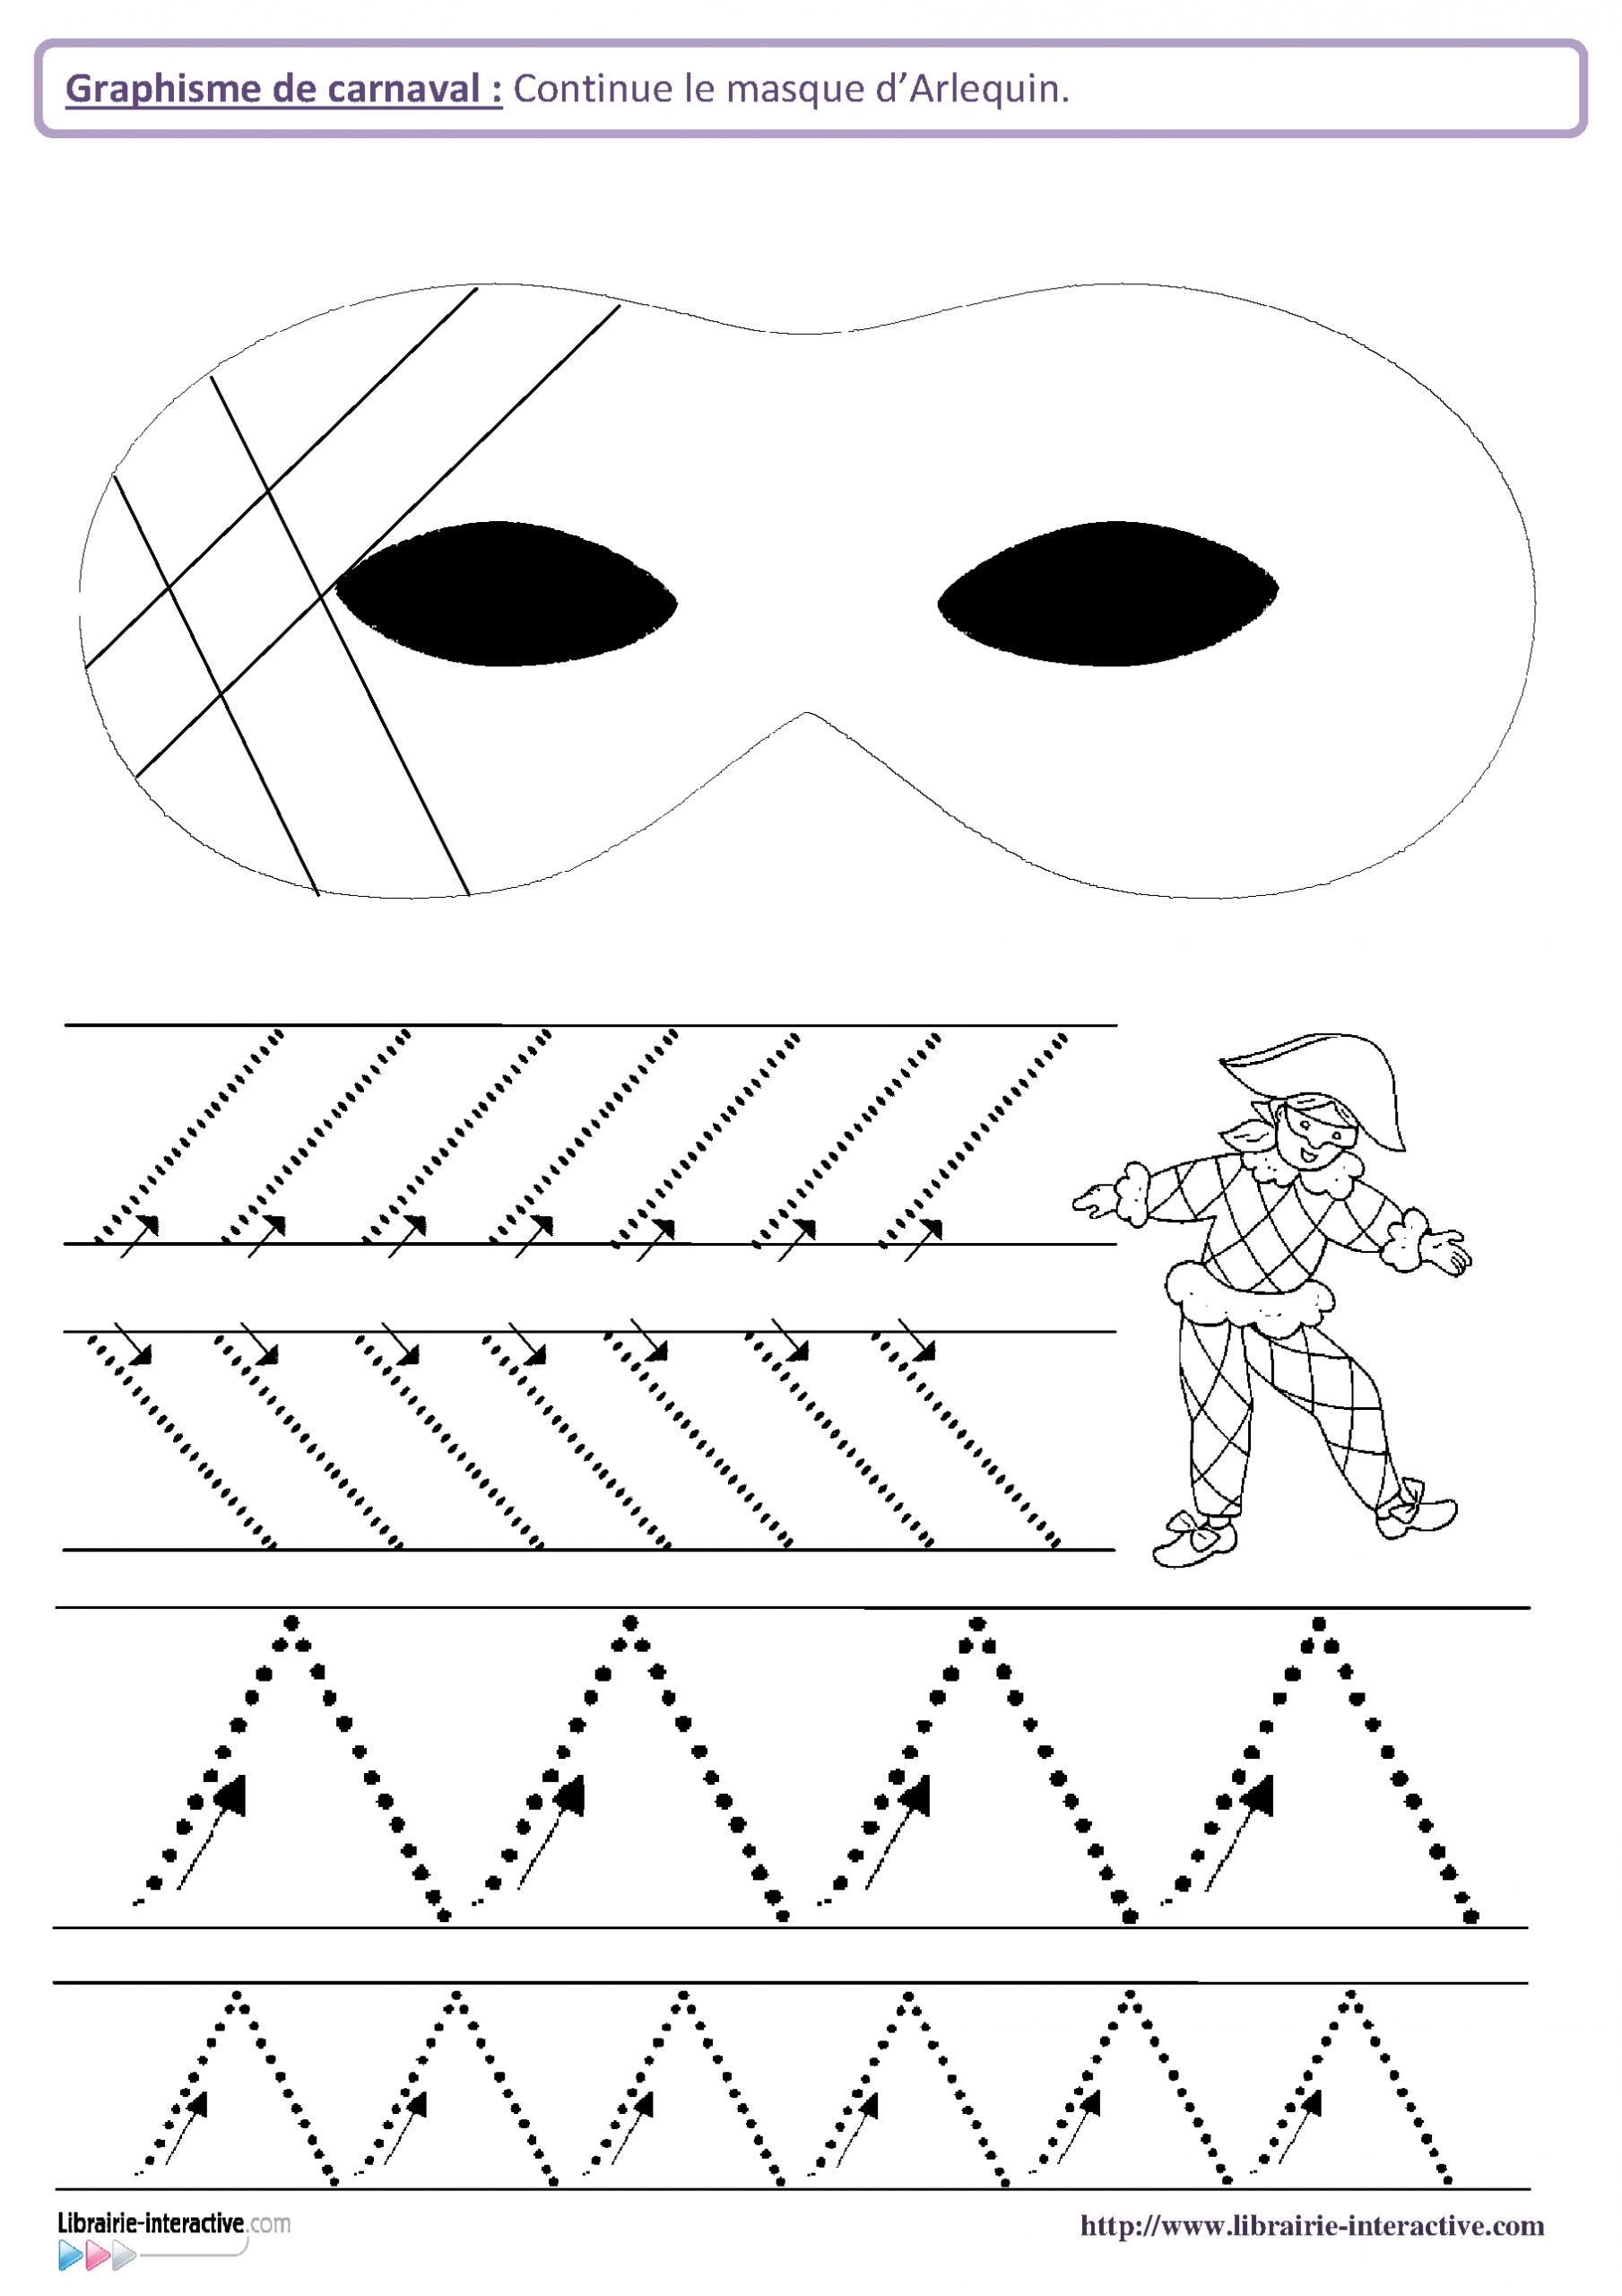 12 Fiches De Graphisme Sur Le Th Me De Carnaval, Pour Les dedans Exercice Petite Section En Ligne